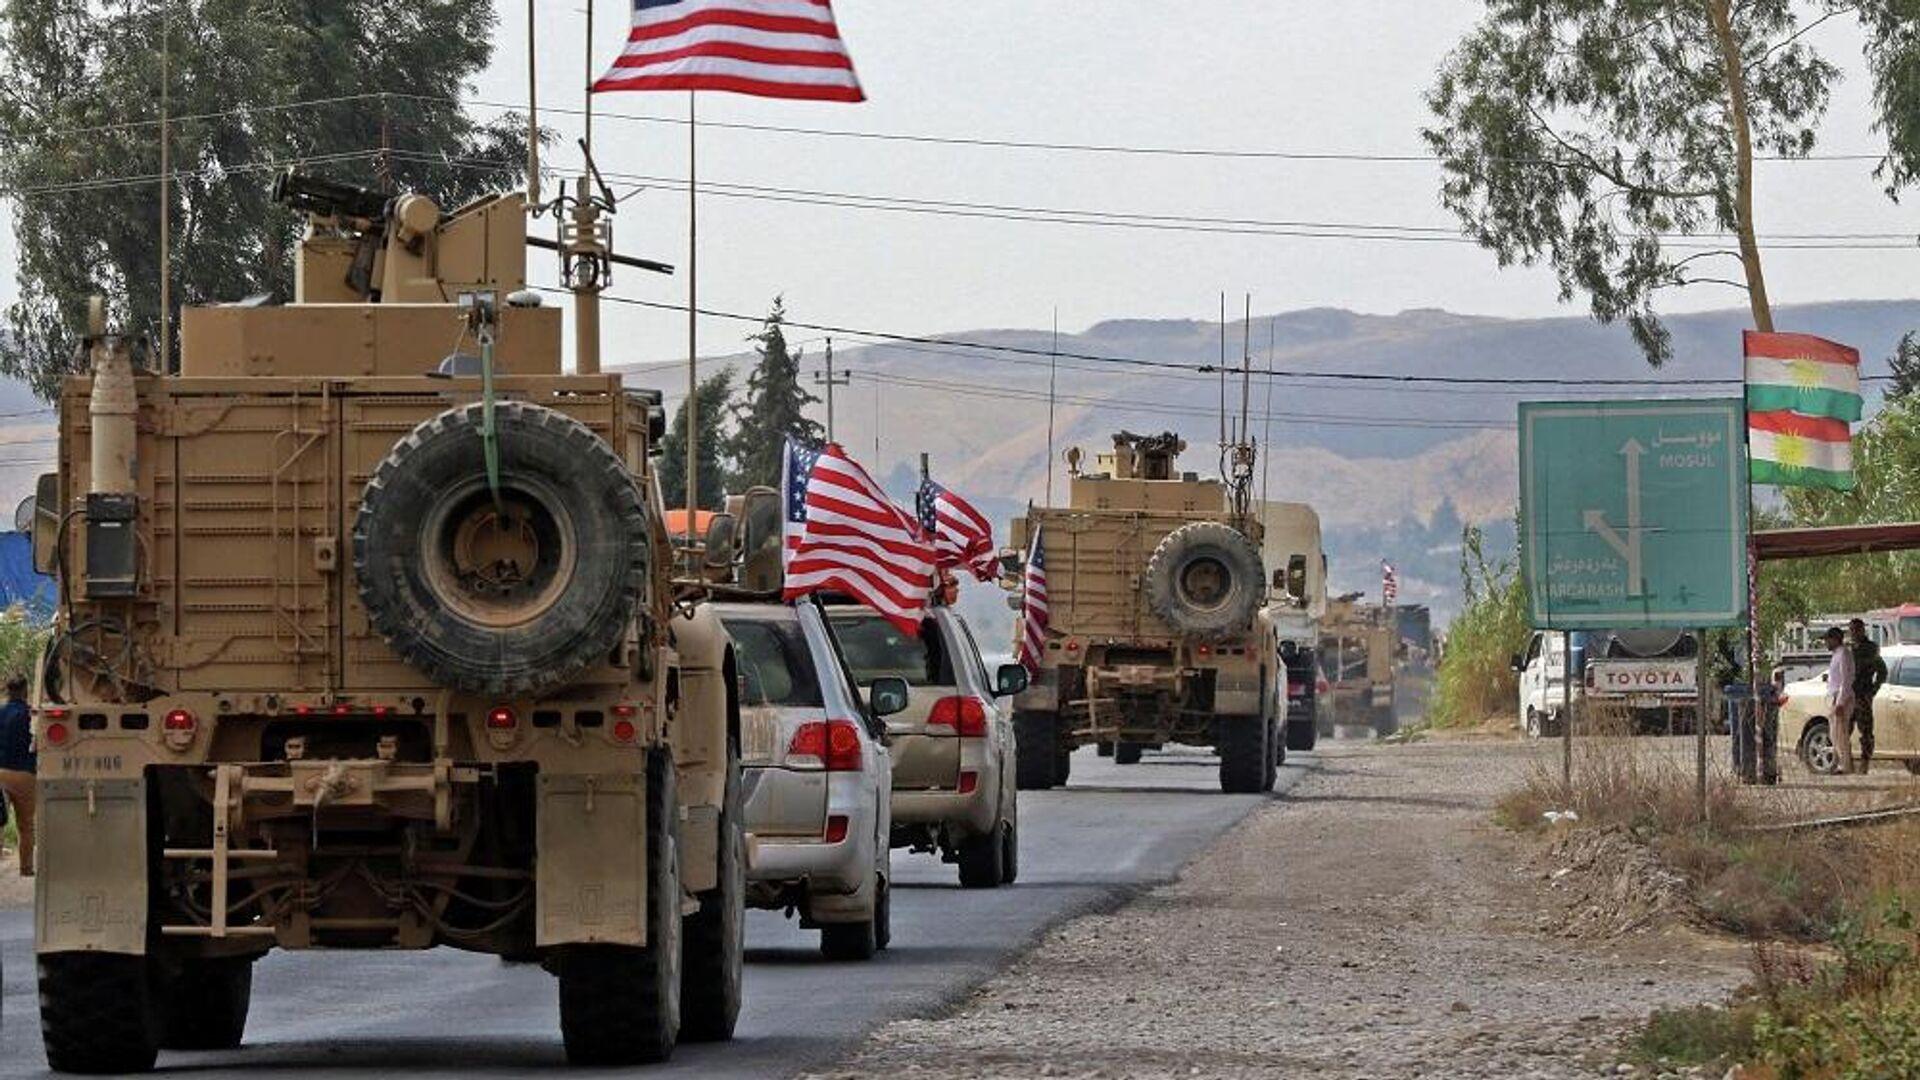 Κομβόι αμερικανικών στρατιωτικών οχημάτων φτάνει στο Ιράκ αποχωρώντας από τη βόρεια Συρία - Sputnik Ελλάδα, 1920, 06.09.2021